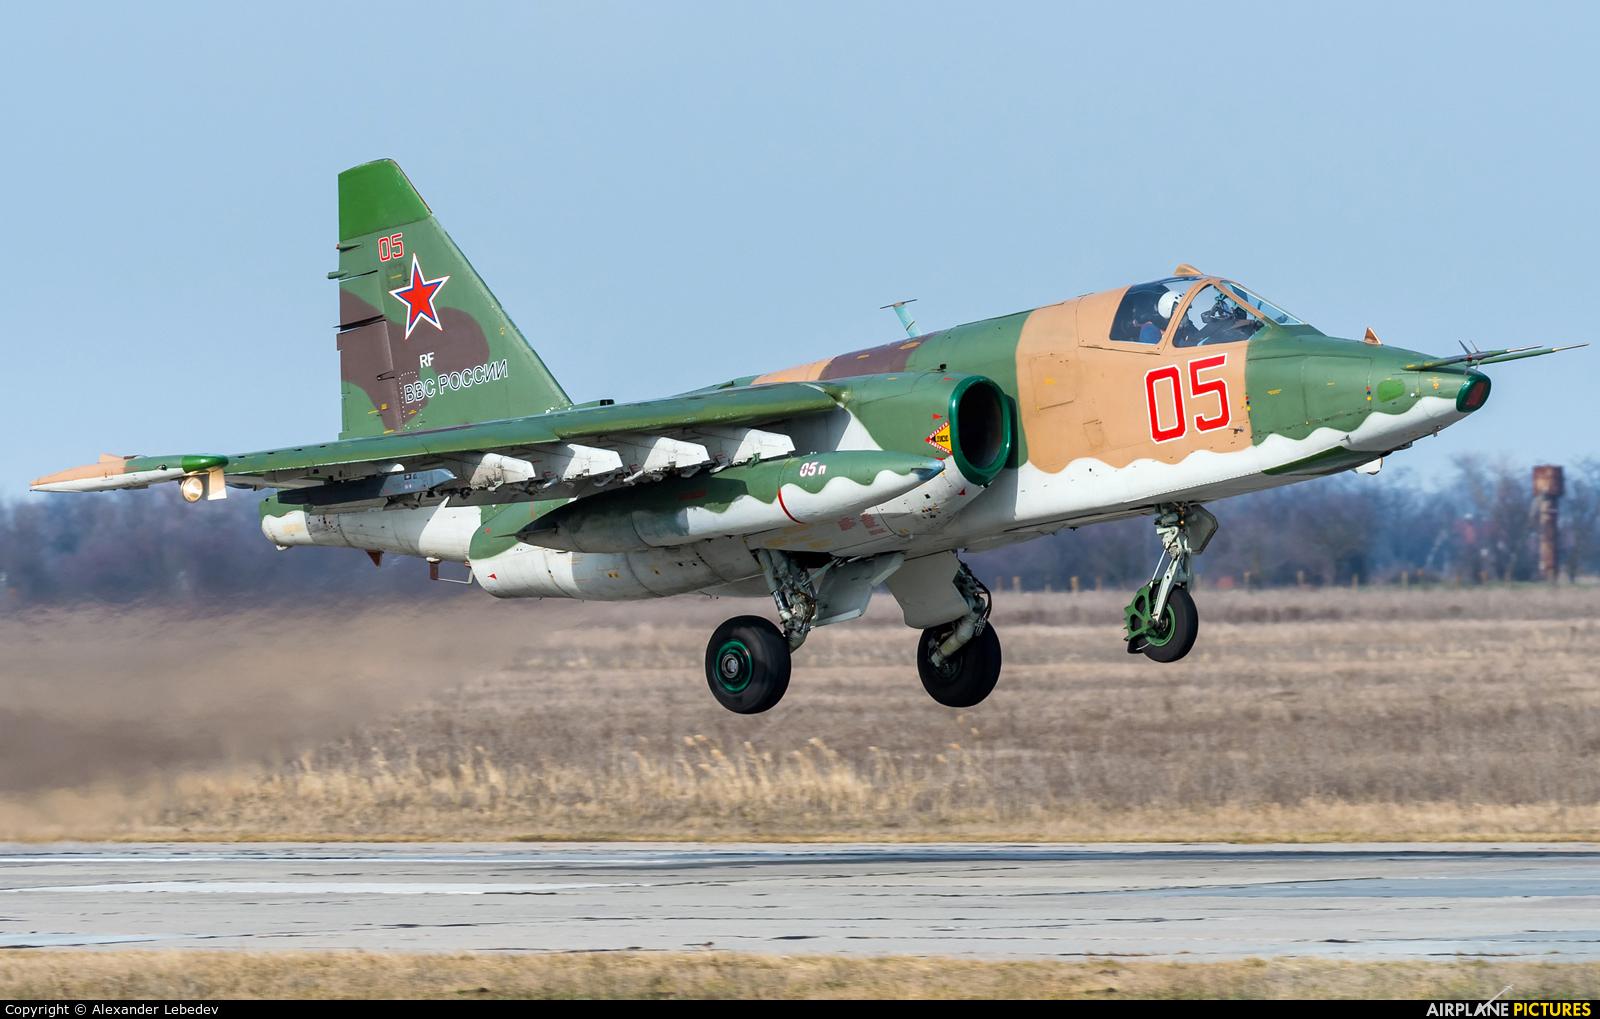 Russia - Air Force 05 aircraft at Primorsko-Akhtarsk